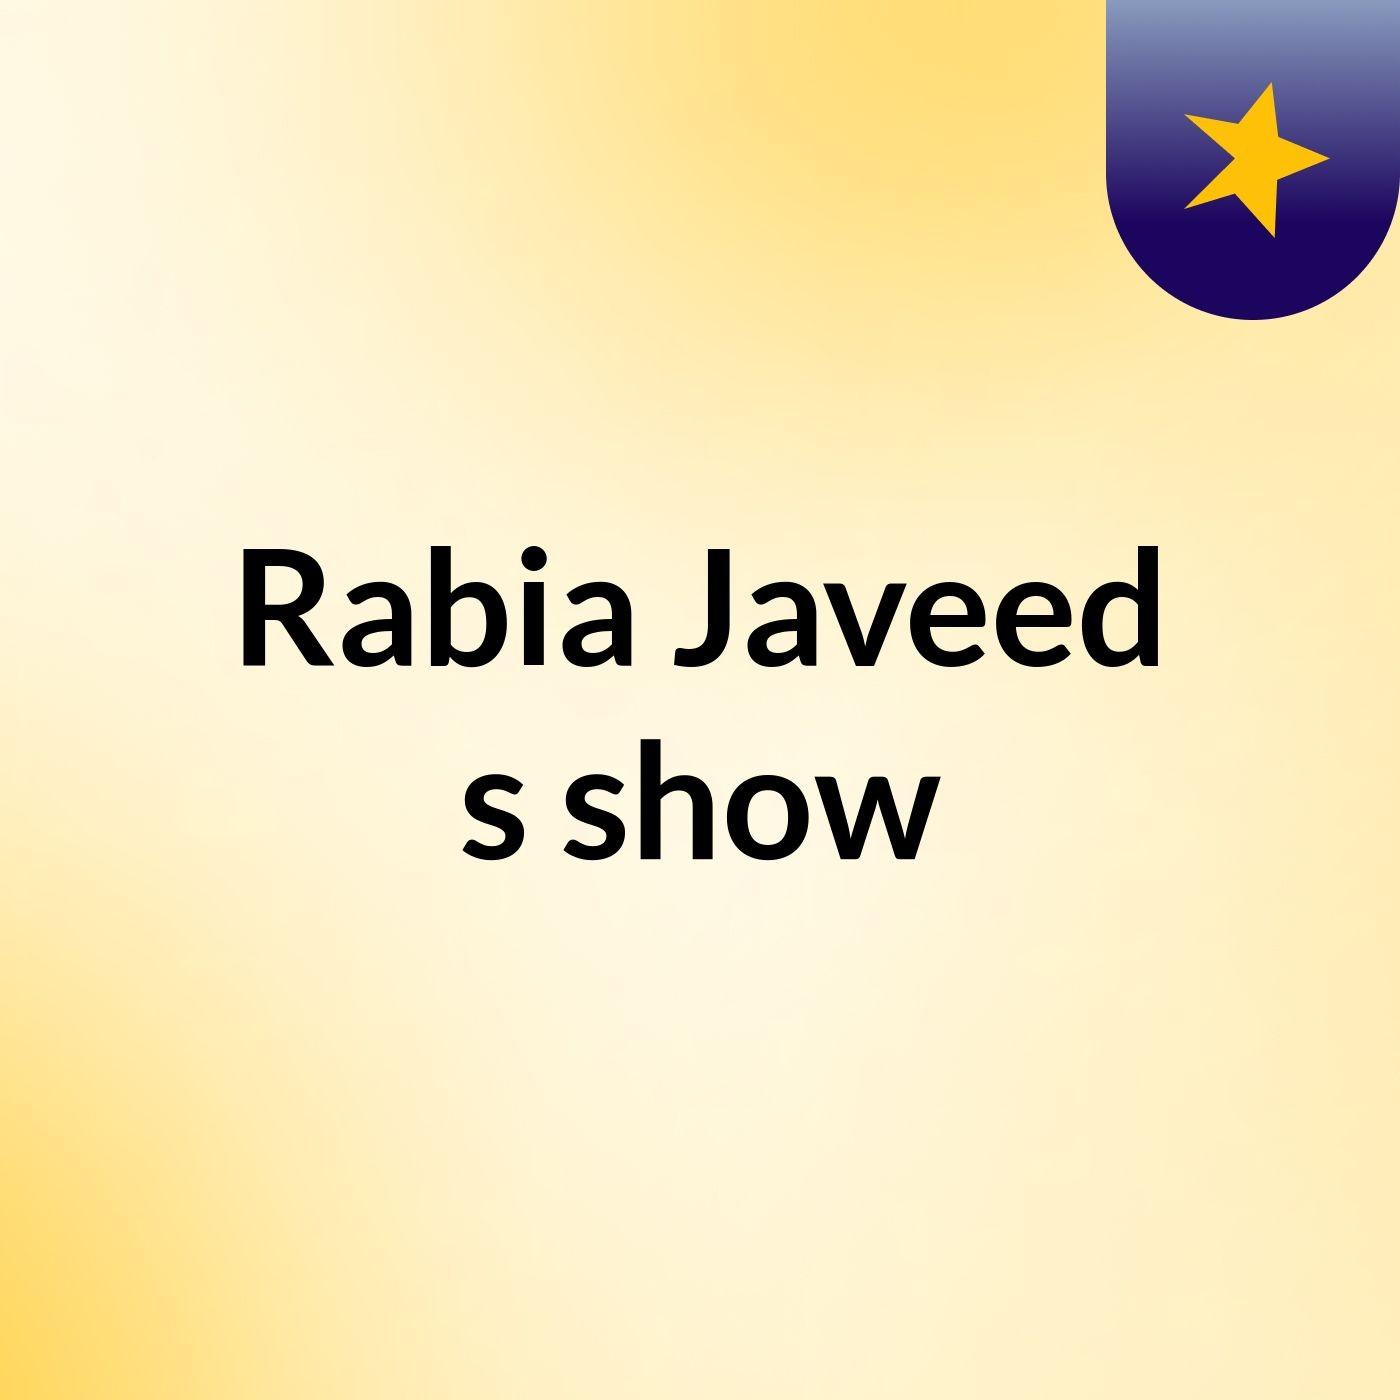 Episode 62 - Rabia Javeed's show